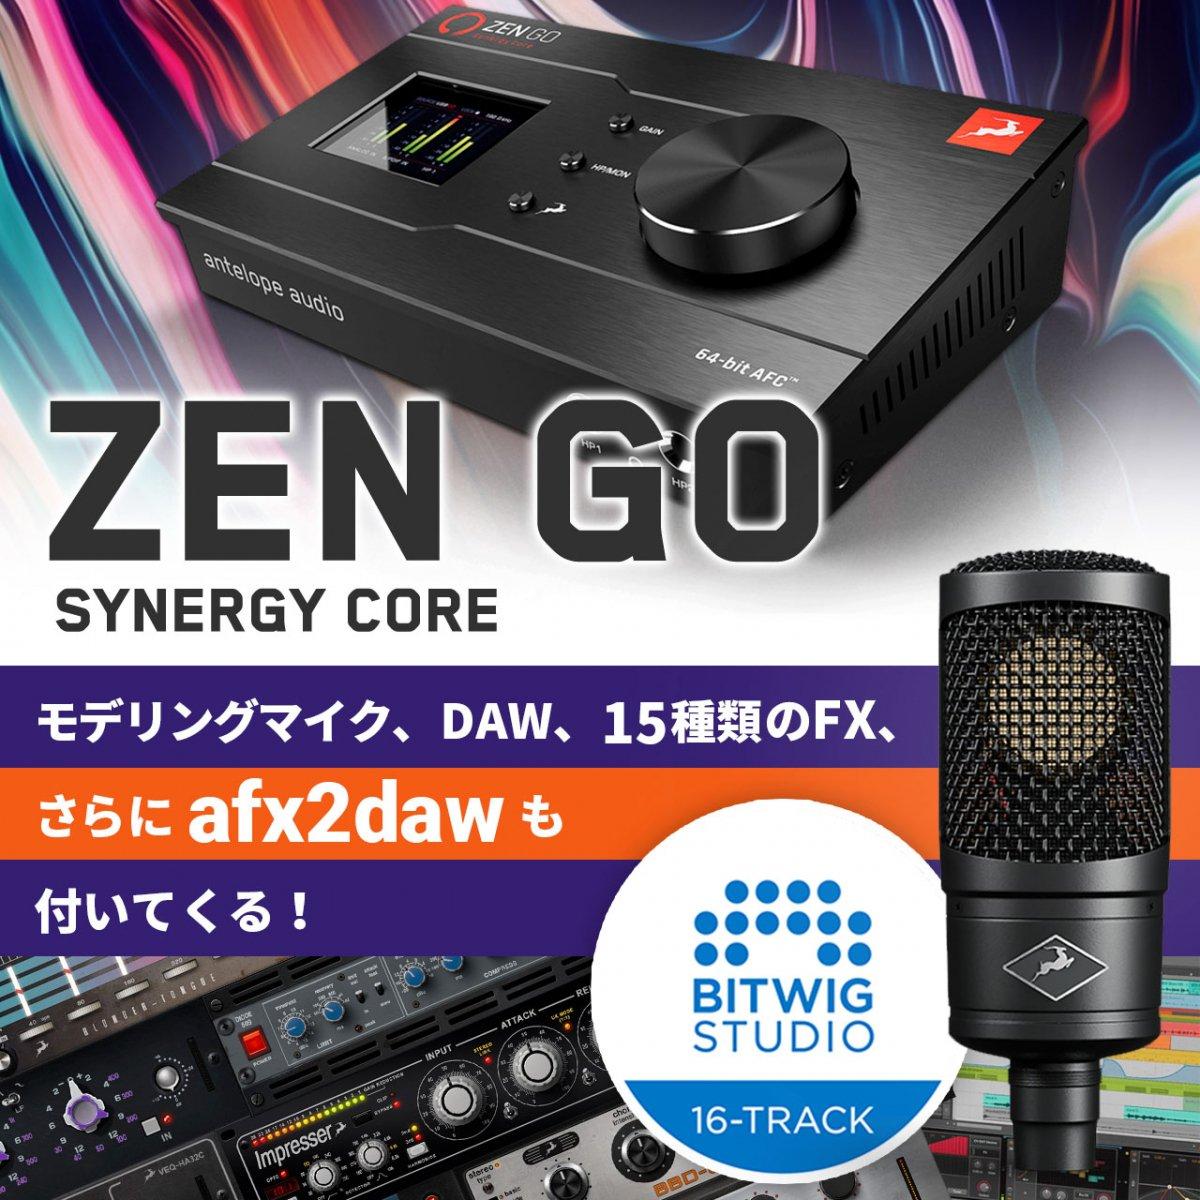 【モデリングマイク Edge Solo 付き!】Zen Go LIMITED EDITION BUNDLE